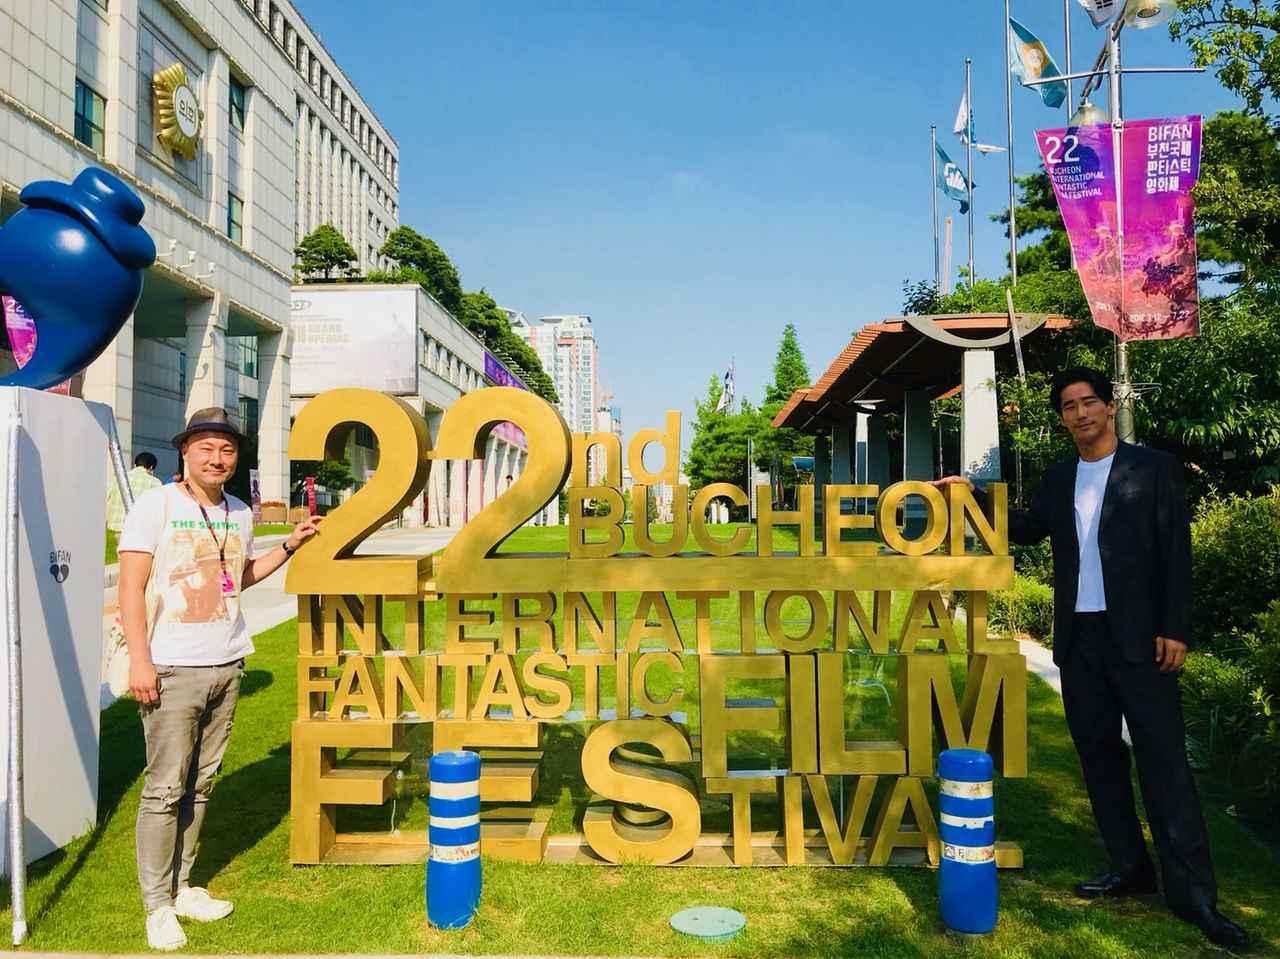 画像: 「プチョン国際ファンタスティック映画祭」サインボードを前に内田英治監督とEXILE/三代目J Soul Brothers 小林直己